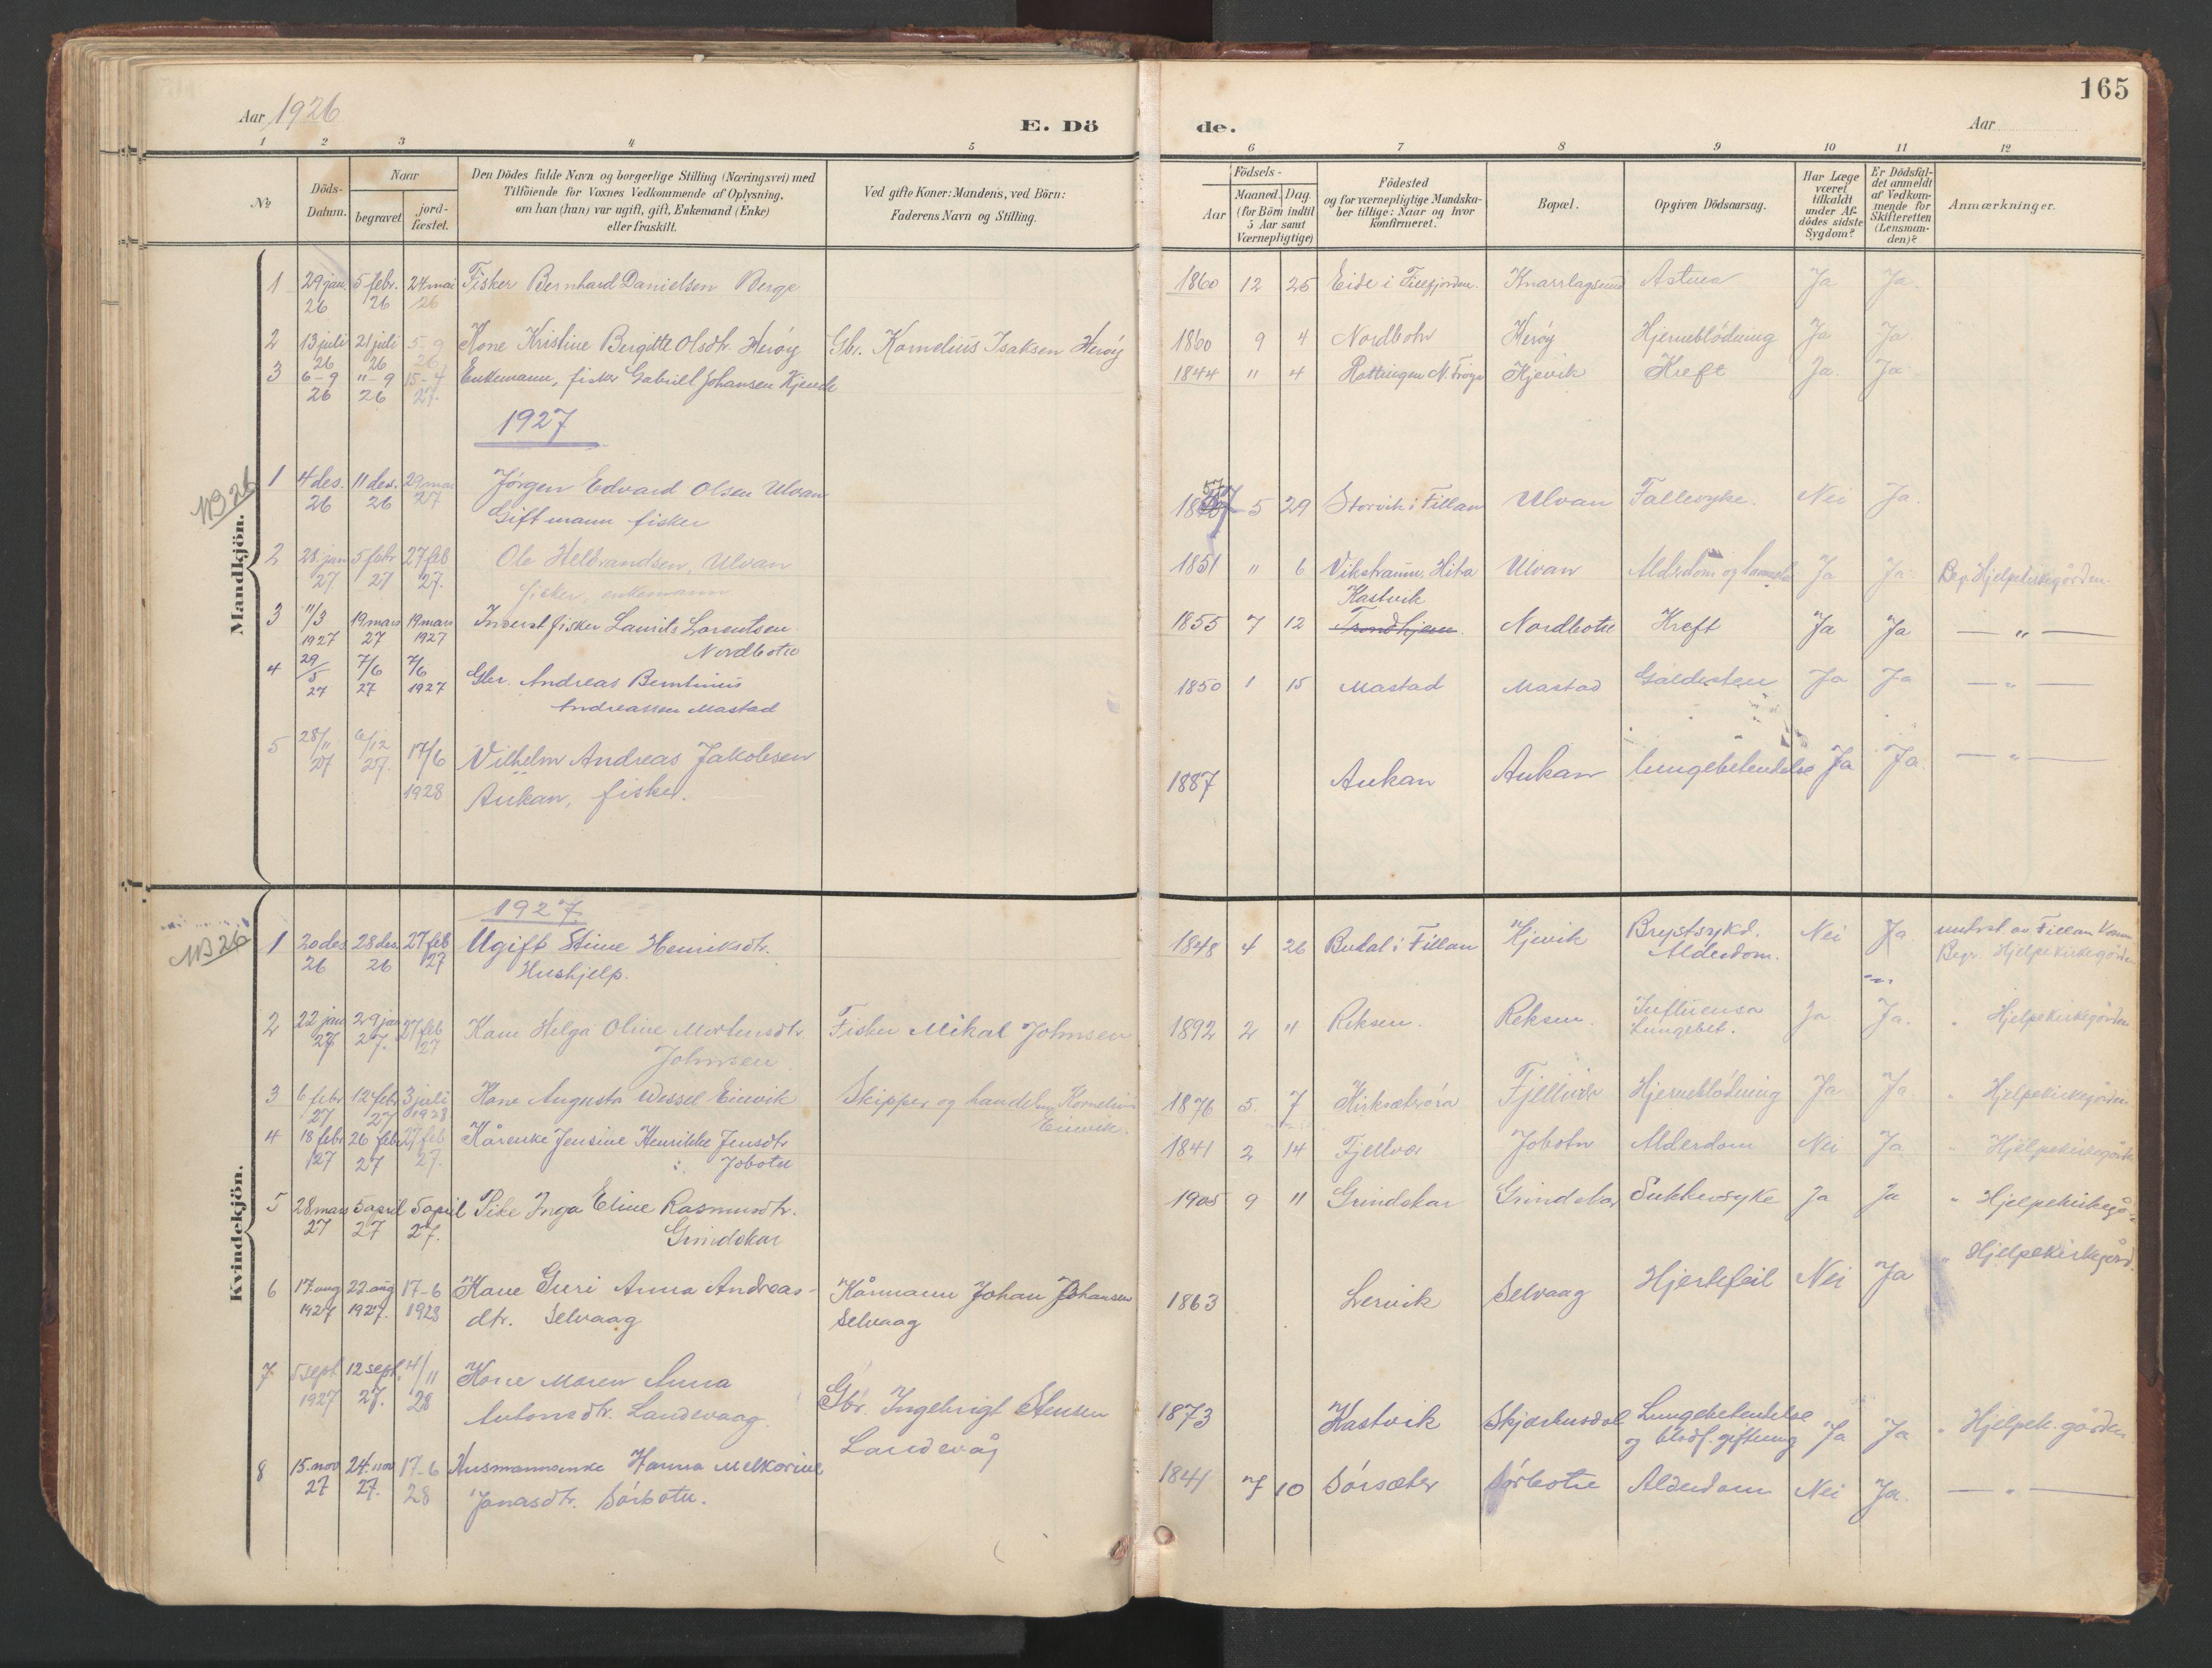 SAT, Ministerialprotokoller, klokkerbøker og fødselsregistre - Sør-Trøndelag, 638/L0571: Klokkerbok nr. 638C03, 1901-1930, s. 165